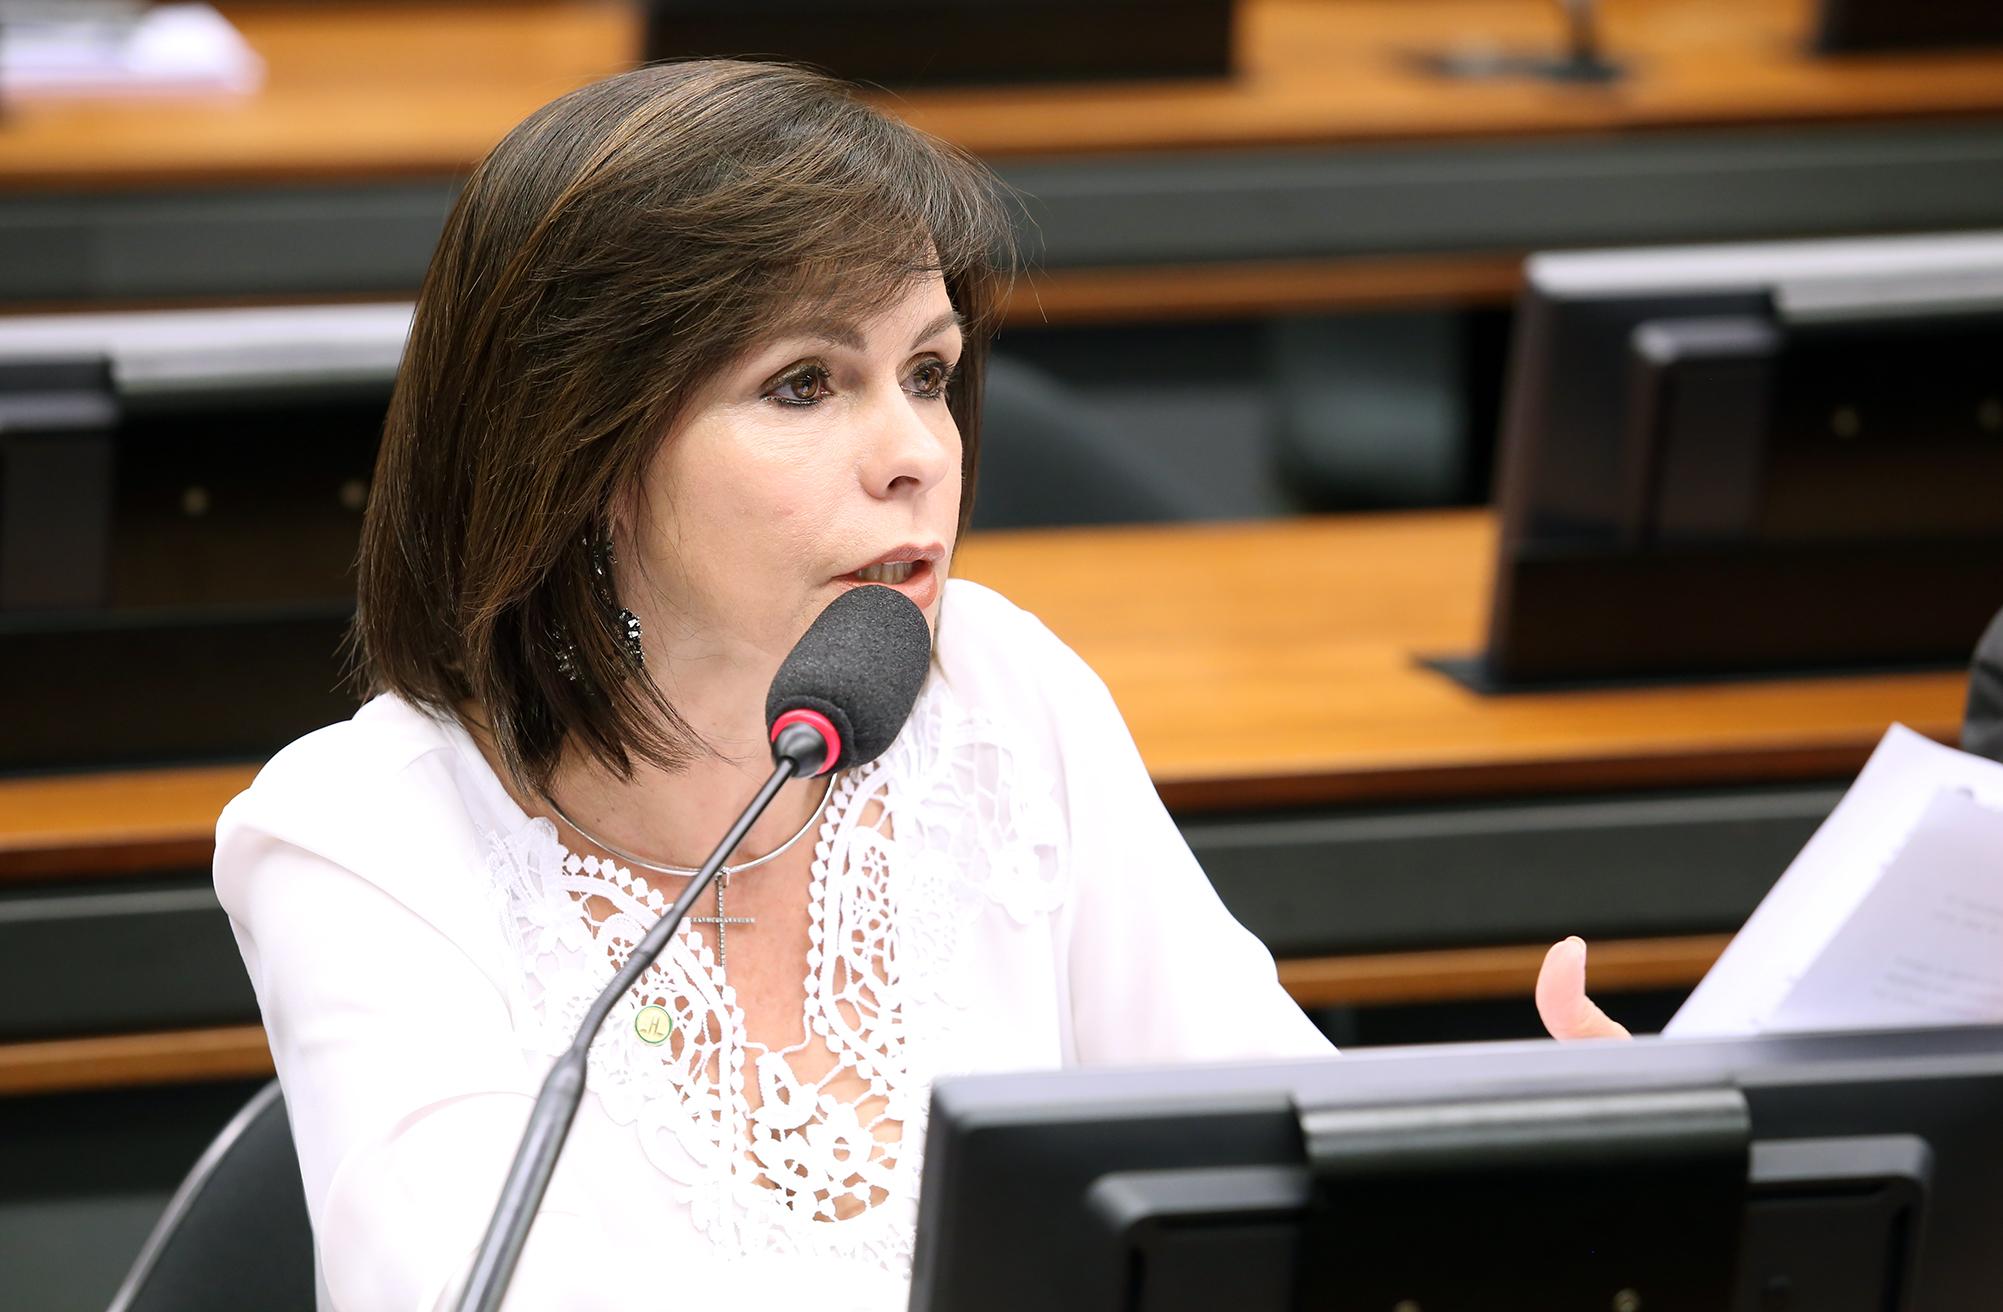 Reunião Ordinária. Dep. Professora Dorinha Seabra Resende (DEM - TO)